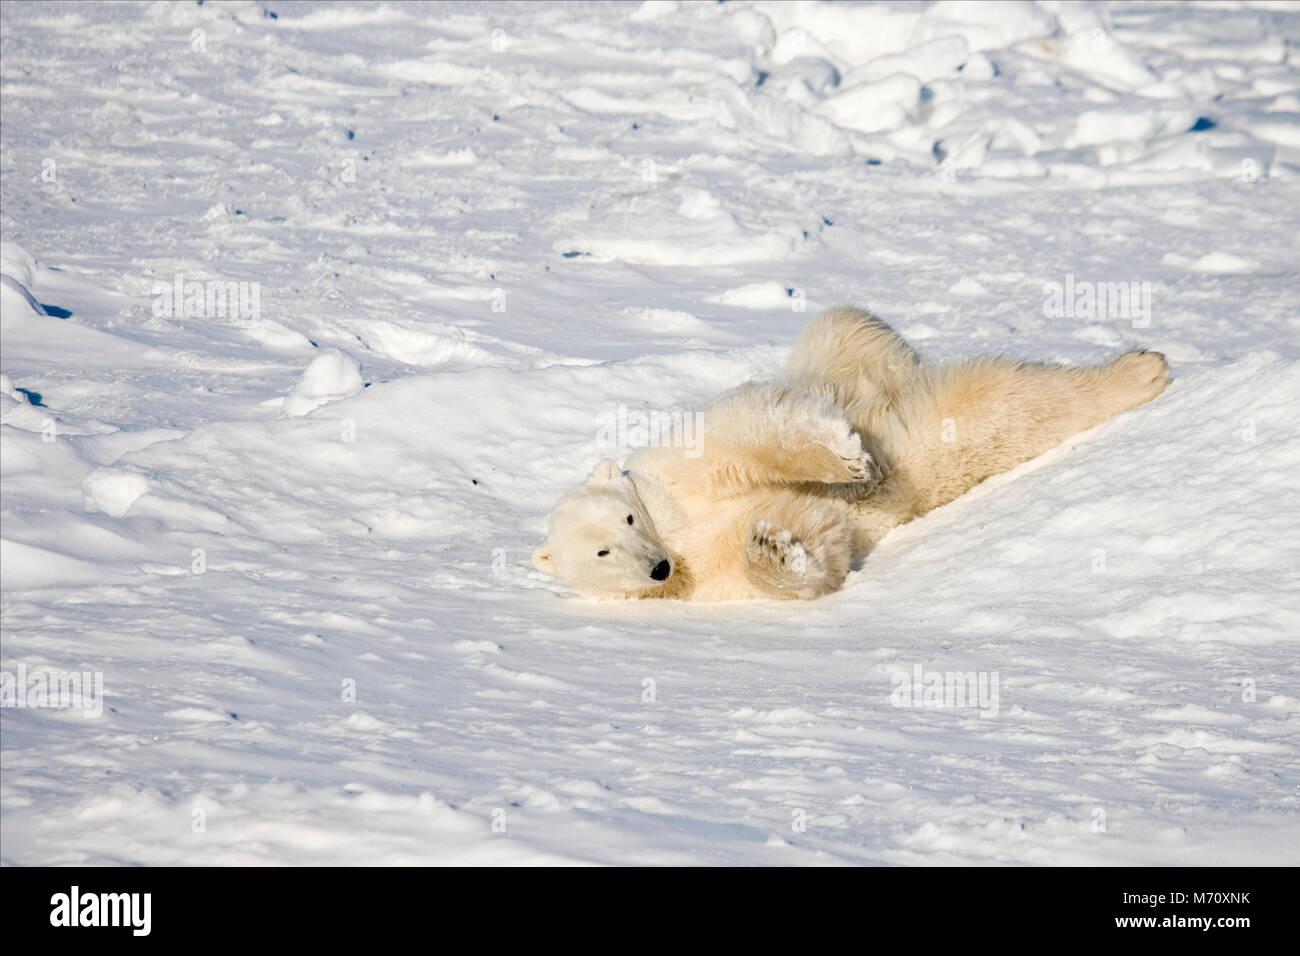 01874-110.16 Polar Bear (Ursus maritimus) near Hudson Bay, Churchill  MB, Canada - Stock Image